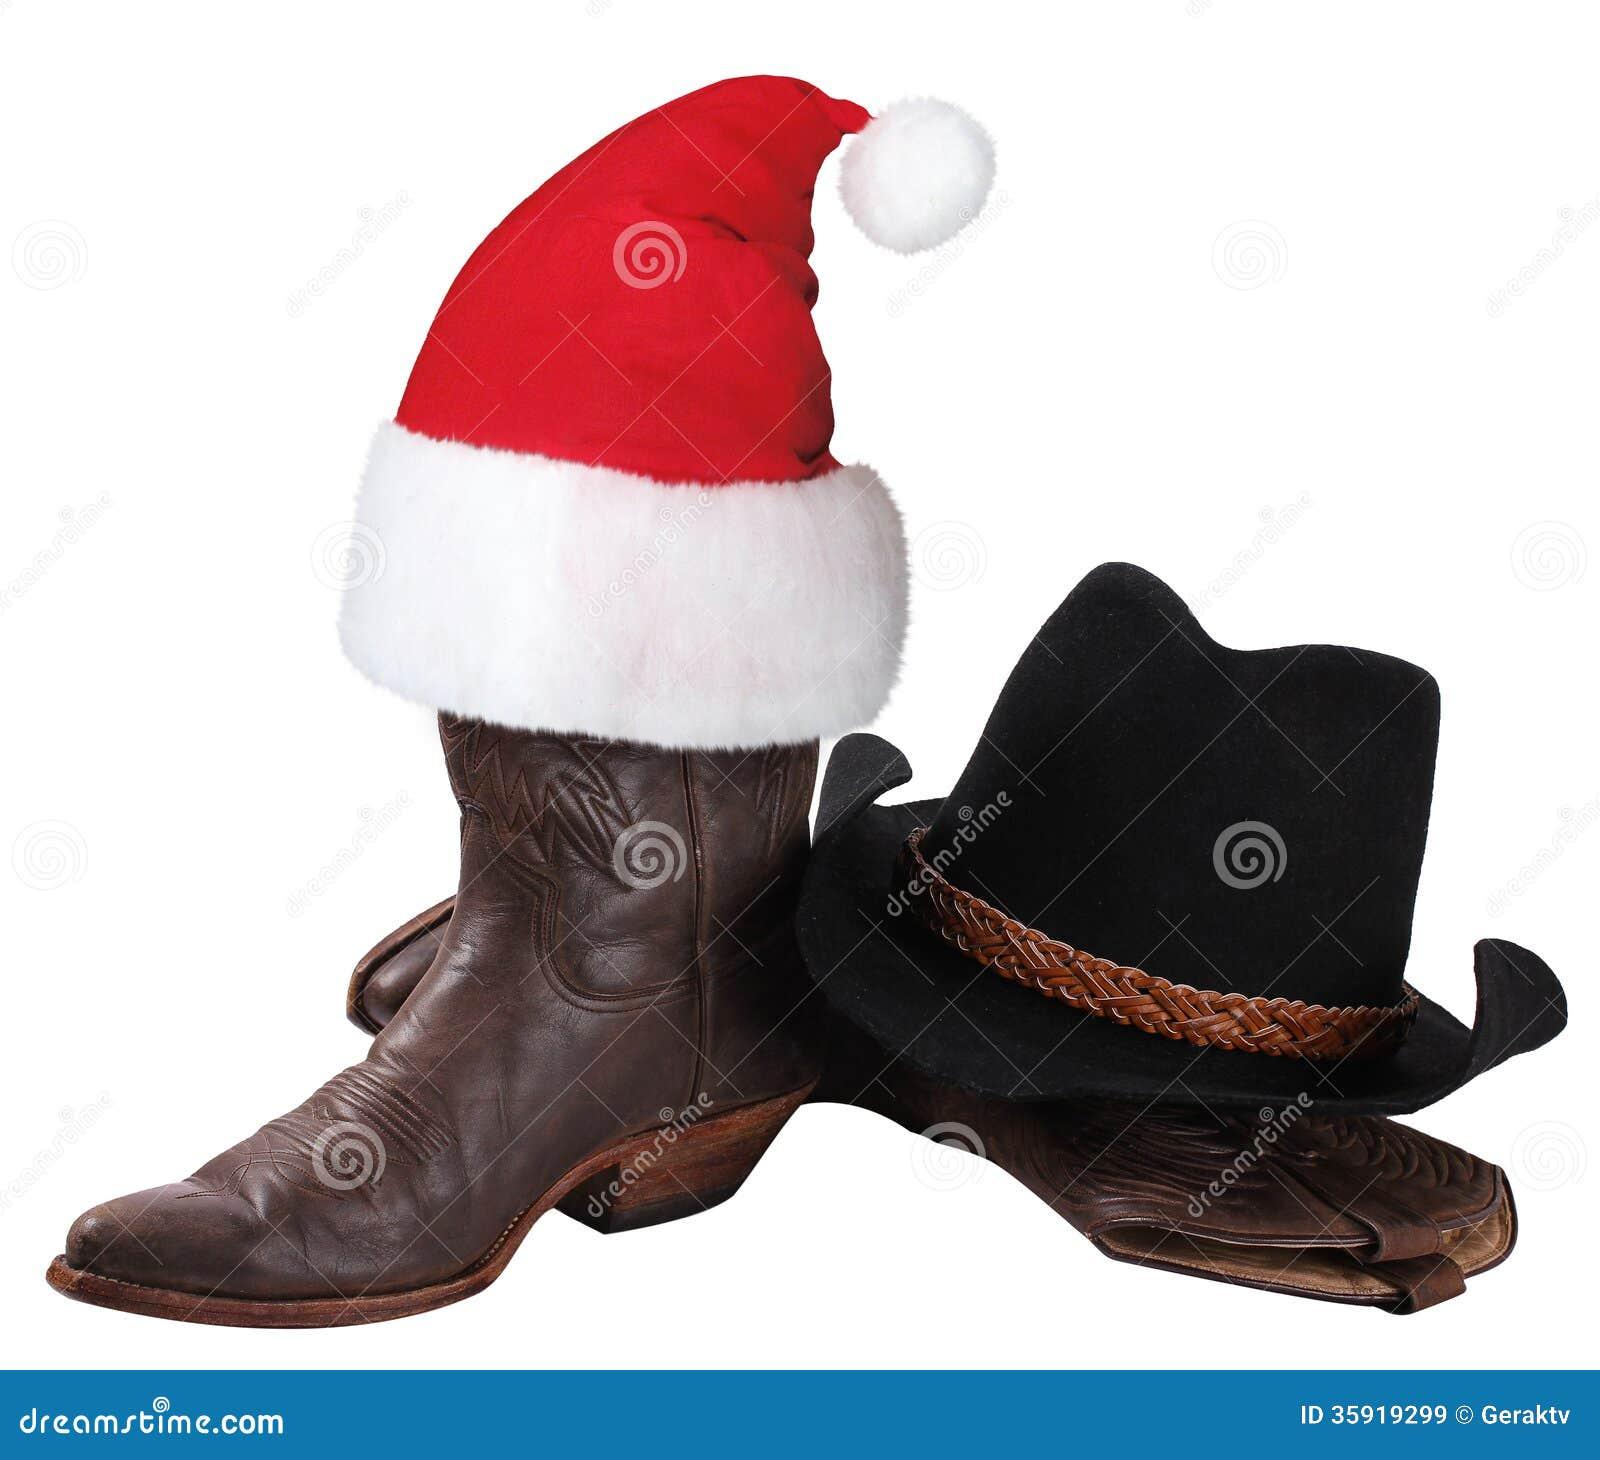 Cappello Da Cowboy Americano E Scarpe Occidentali Per La Festa Di